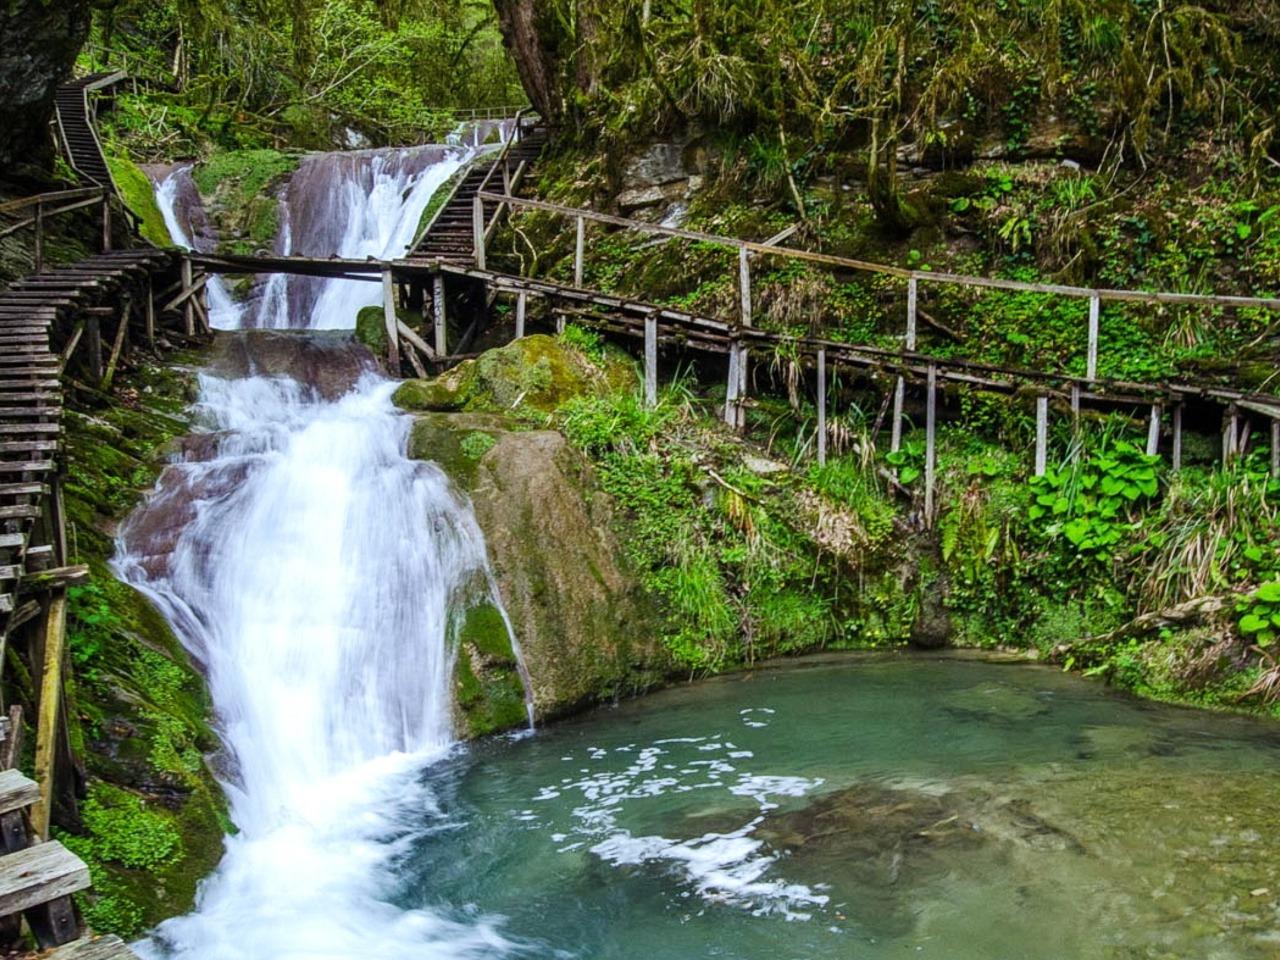 33 водопада и Волконский дольмен - индивидуальная экскурсия в Сочи от опытного гида